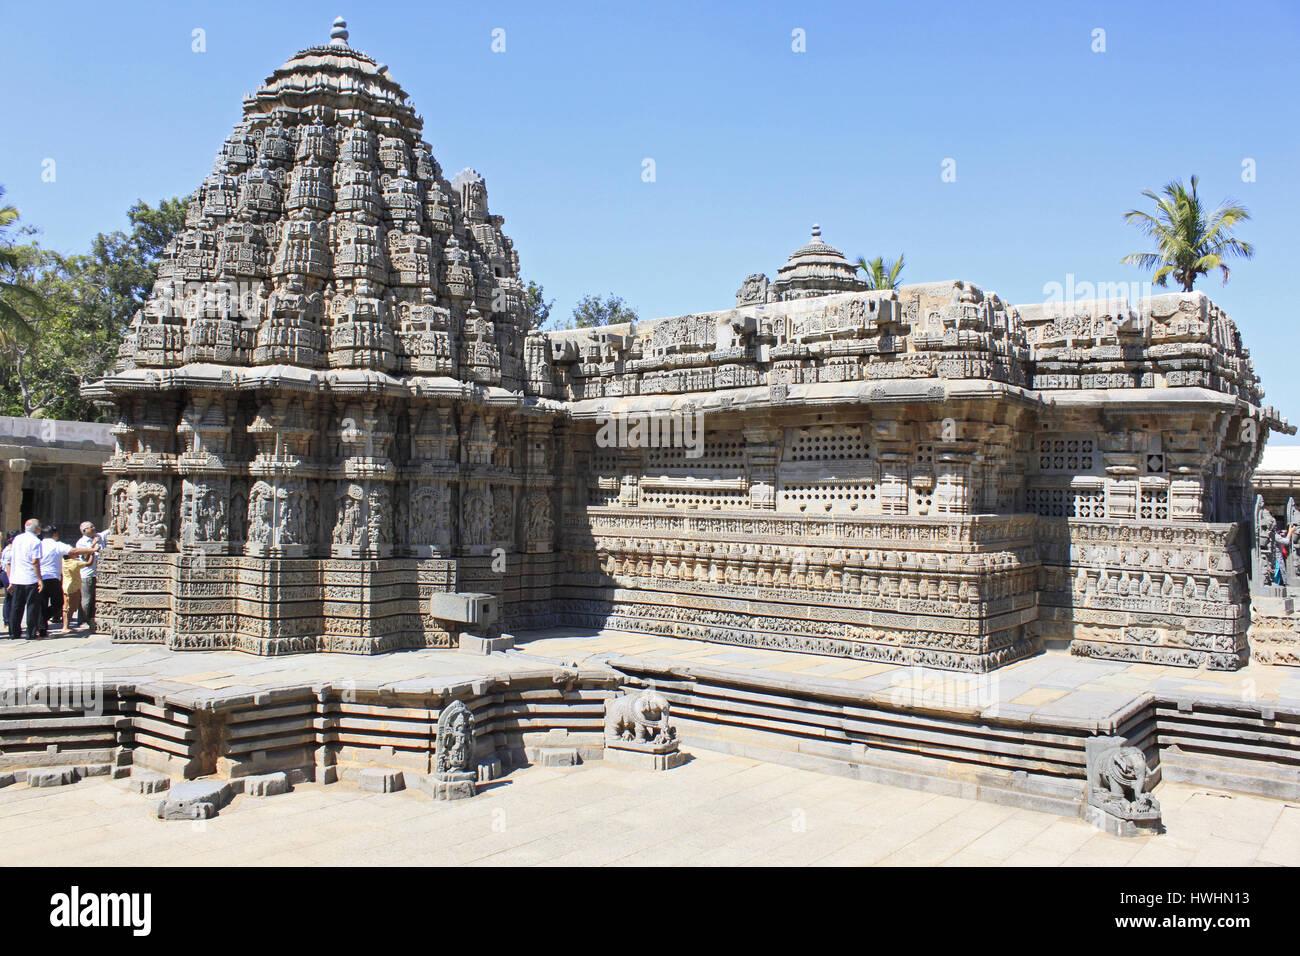 Vue du sud-est du temple principal , mettant en vedette l'dans la conception et leurs tours suivent le même modèle, la structure ressemble à une progression rythmique o Banque D'Images